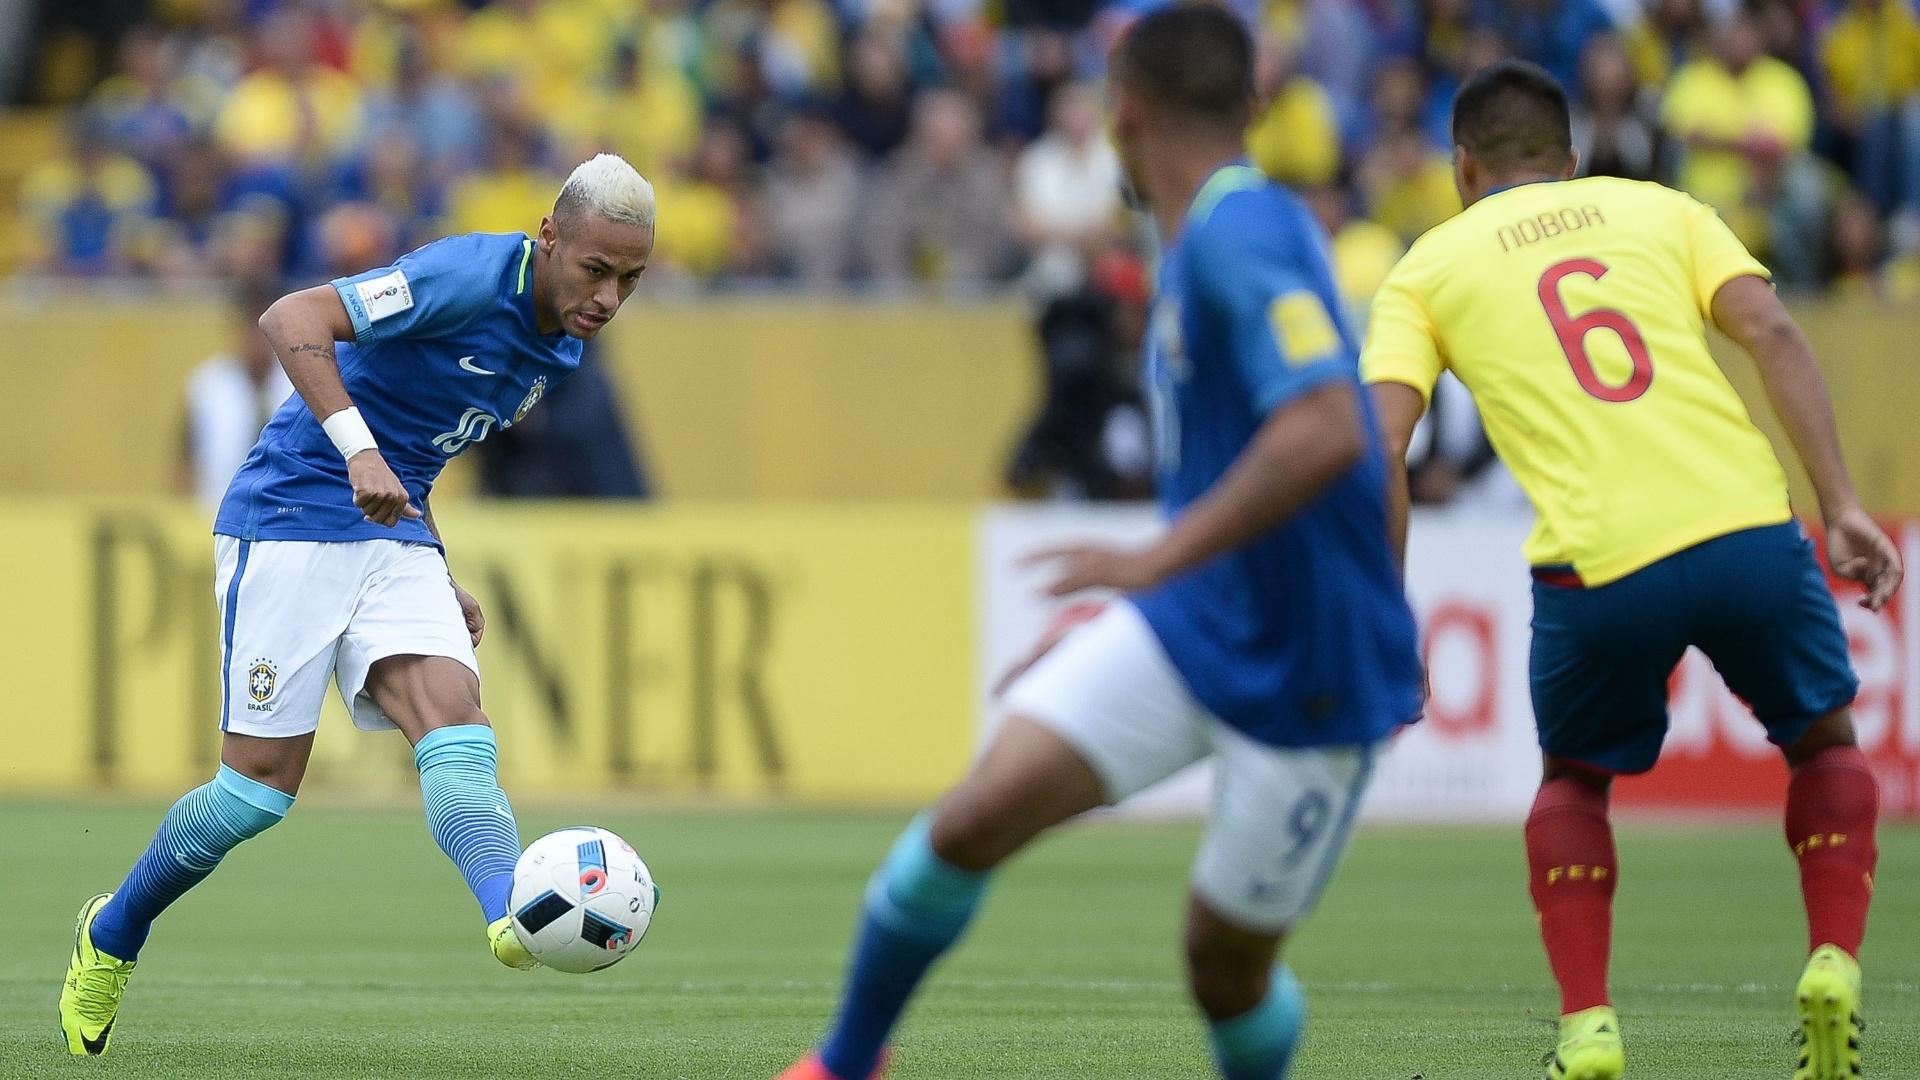 Neymar arma passe para Gabriel Jesus no jogo entre seleção brasileira e Equador